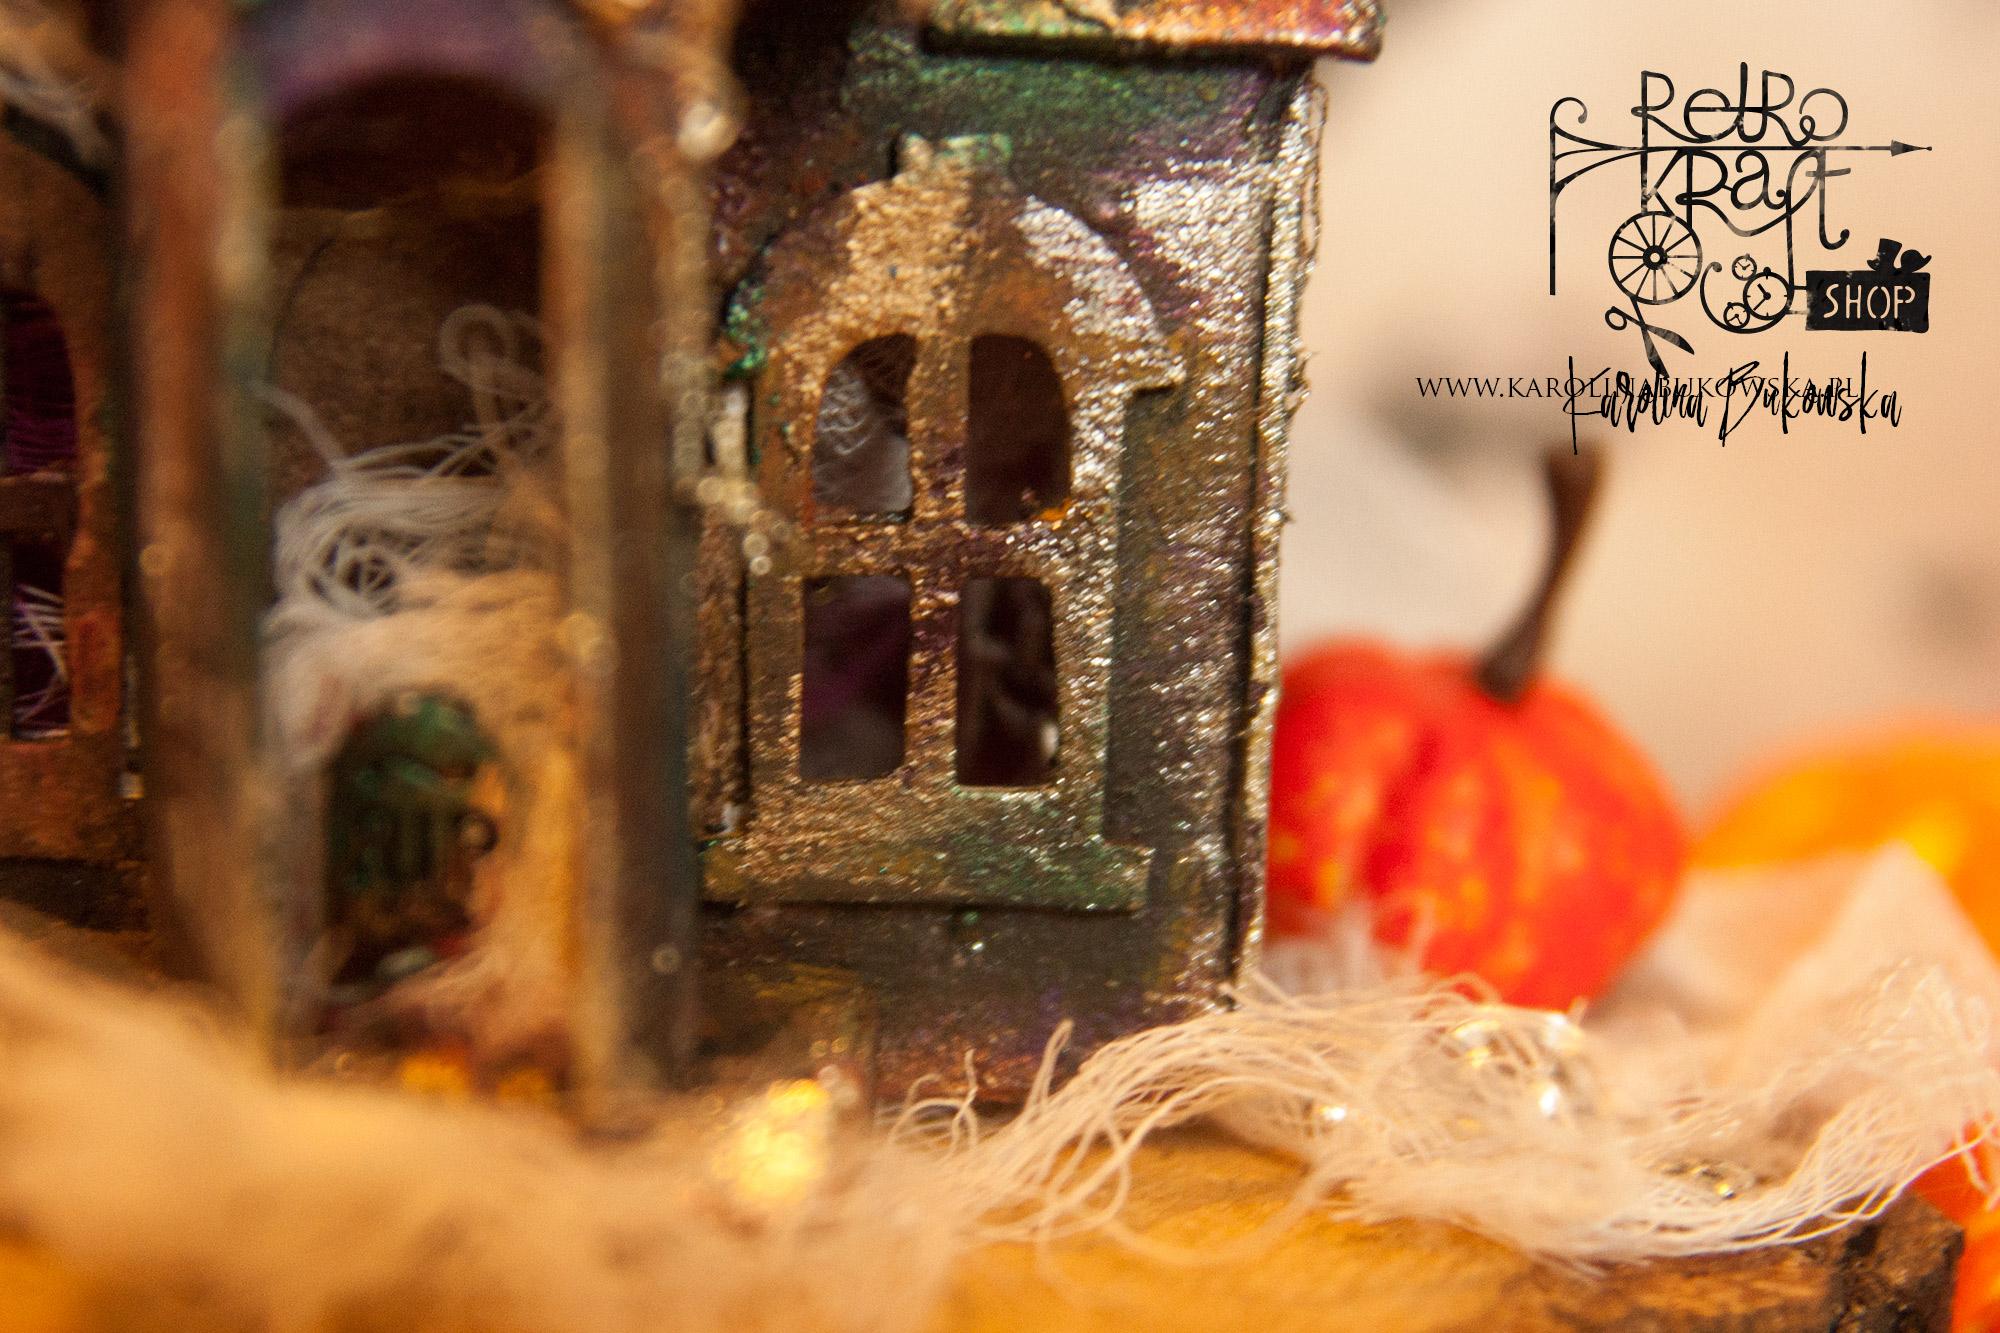 Upiorny domek / Spooky house